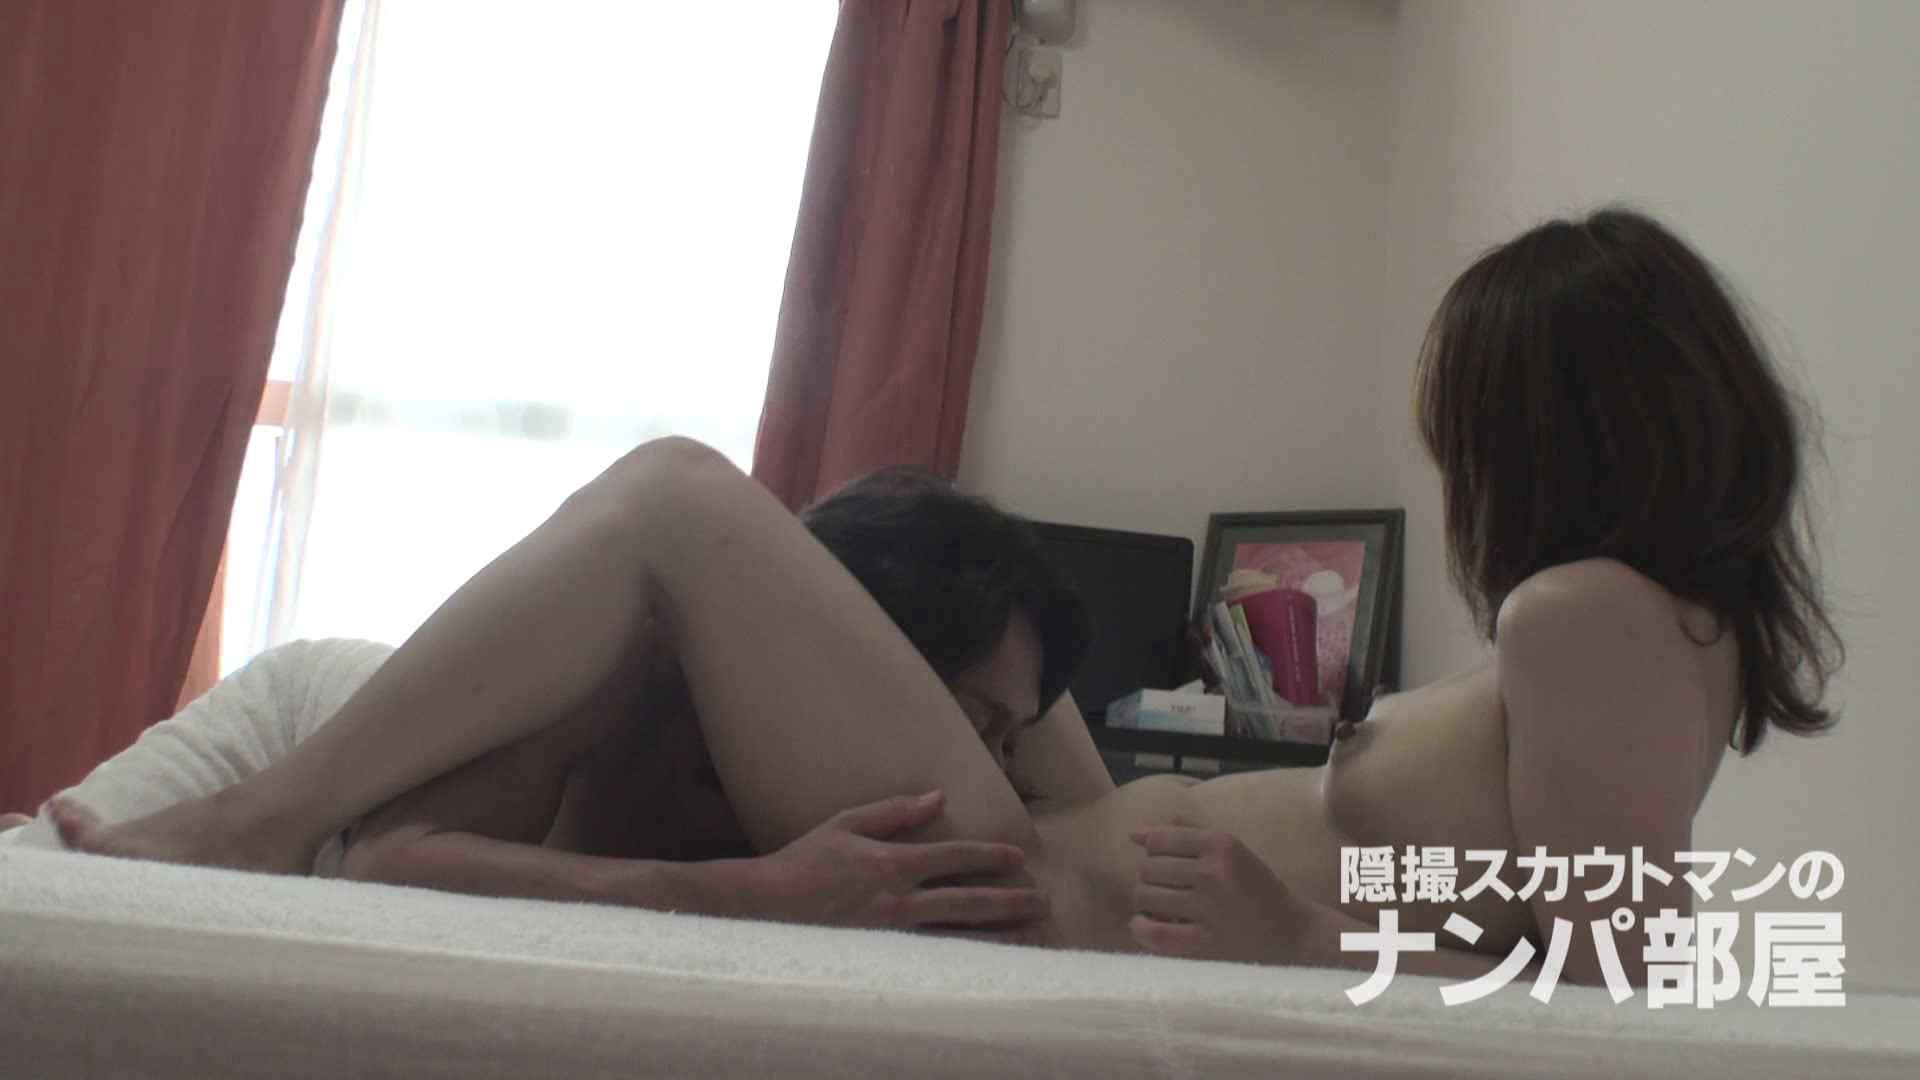 隠撮スカウトマンのナンパ部屋~風俗デビュー前のつまみ食い~ sii 脱衣所 | ナンパ  100連発 85